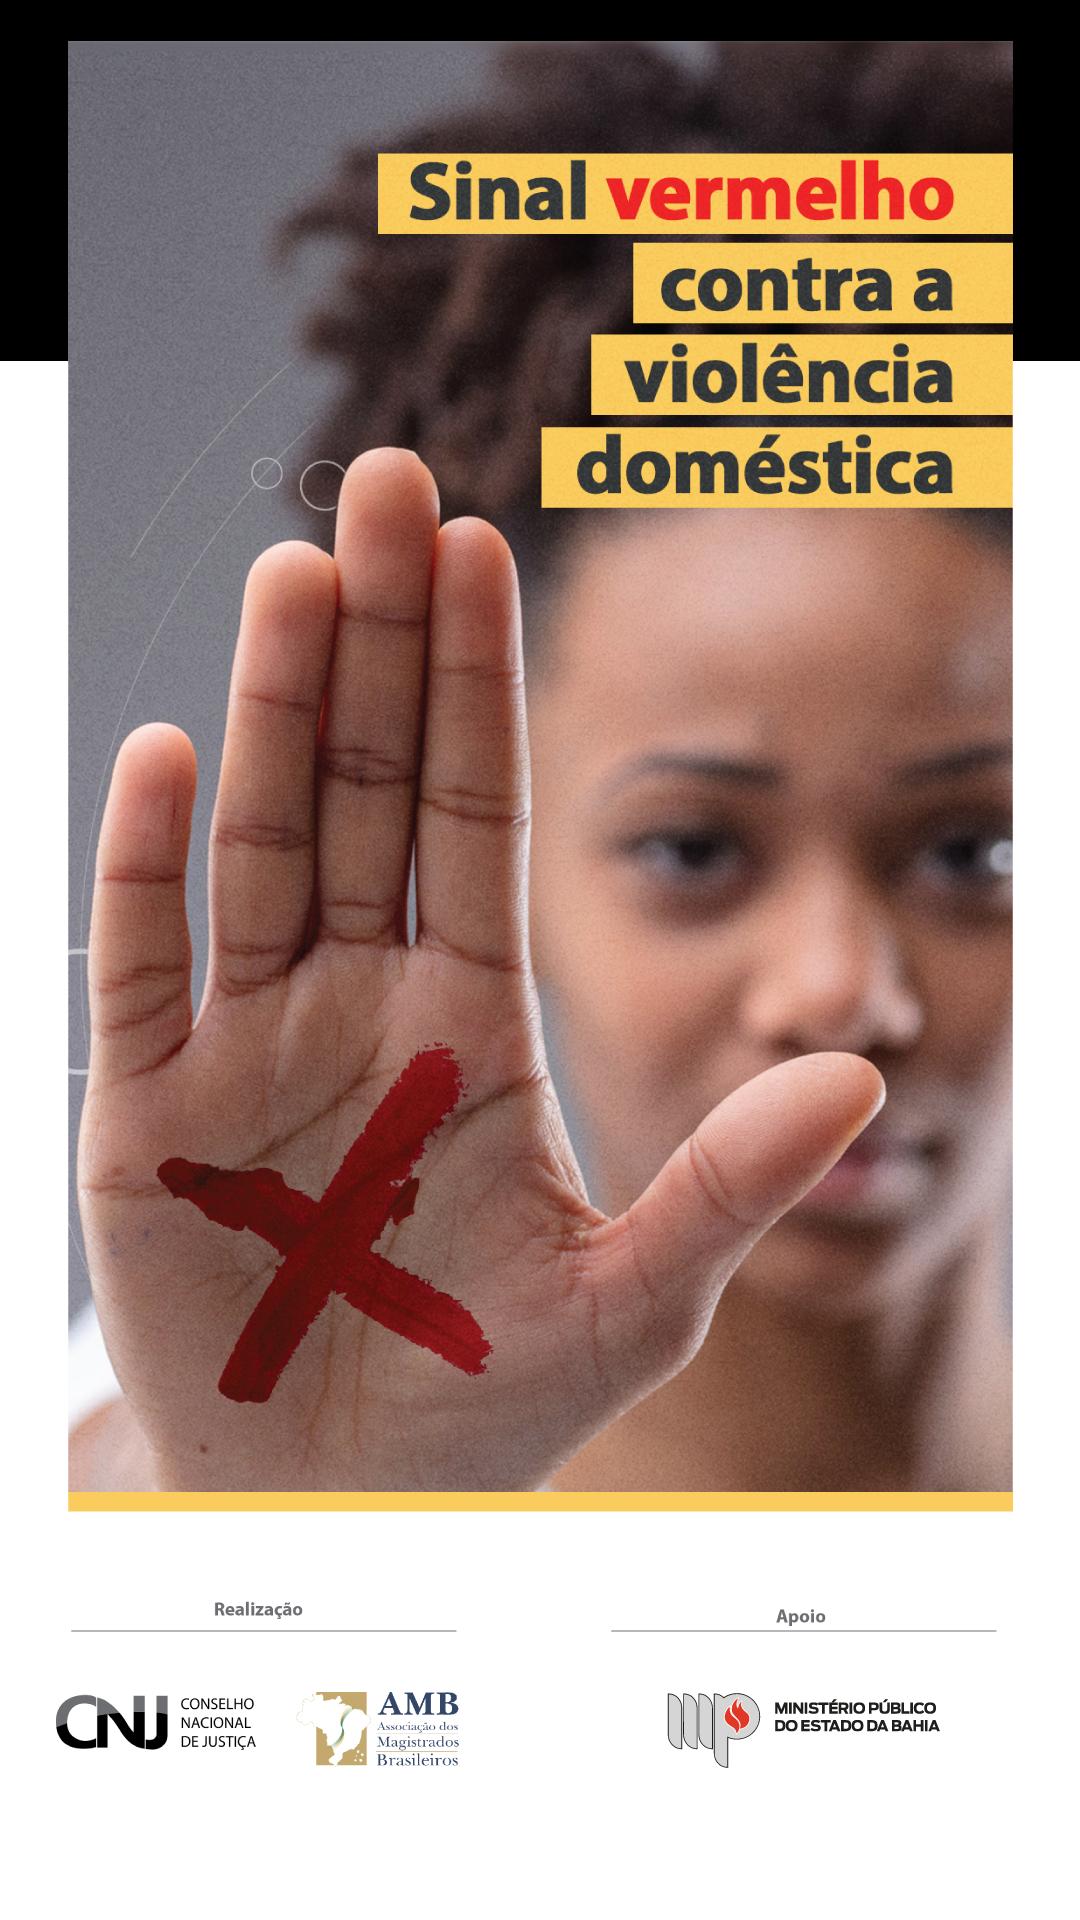 Fotografia de uma mulher fazendo sinal de pare. Na palma de sua mão há um sinal vermelho em X. Texto: Sinal vermelho contra a violência doméstica. Abaixo, assinam como realizadores da campanha o Conselho Nacional de Justiça (CNJ) e a Associação de Magistrados Brasileiros (AMB). Apoio: Ministério Público do Estado da Bahia